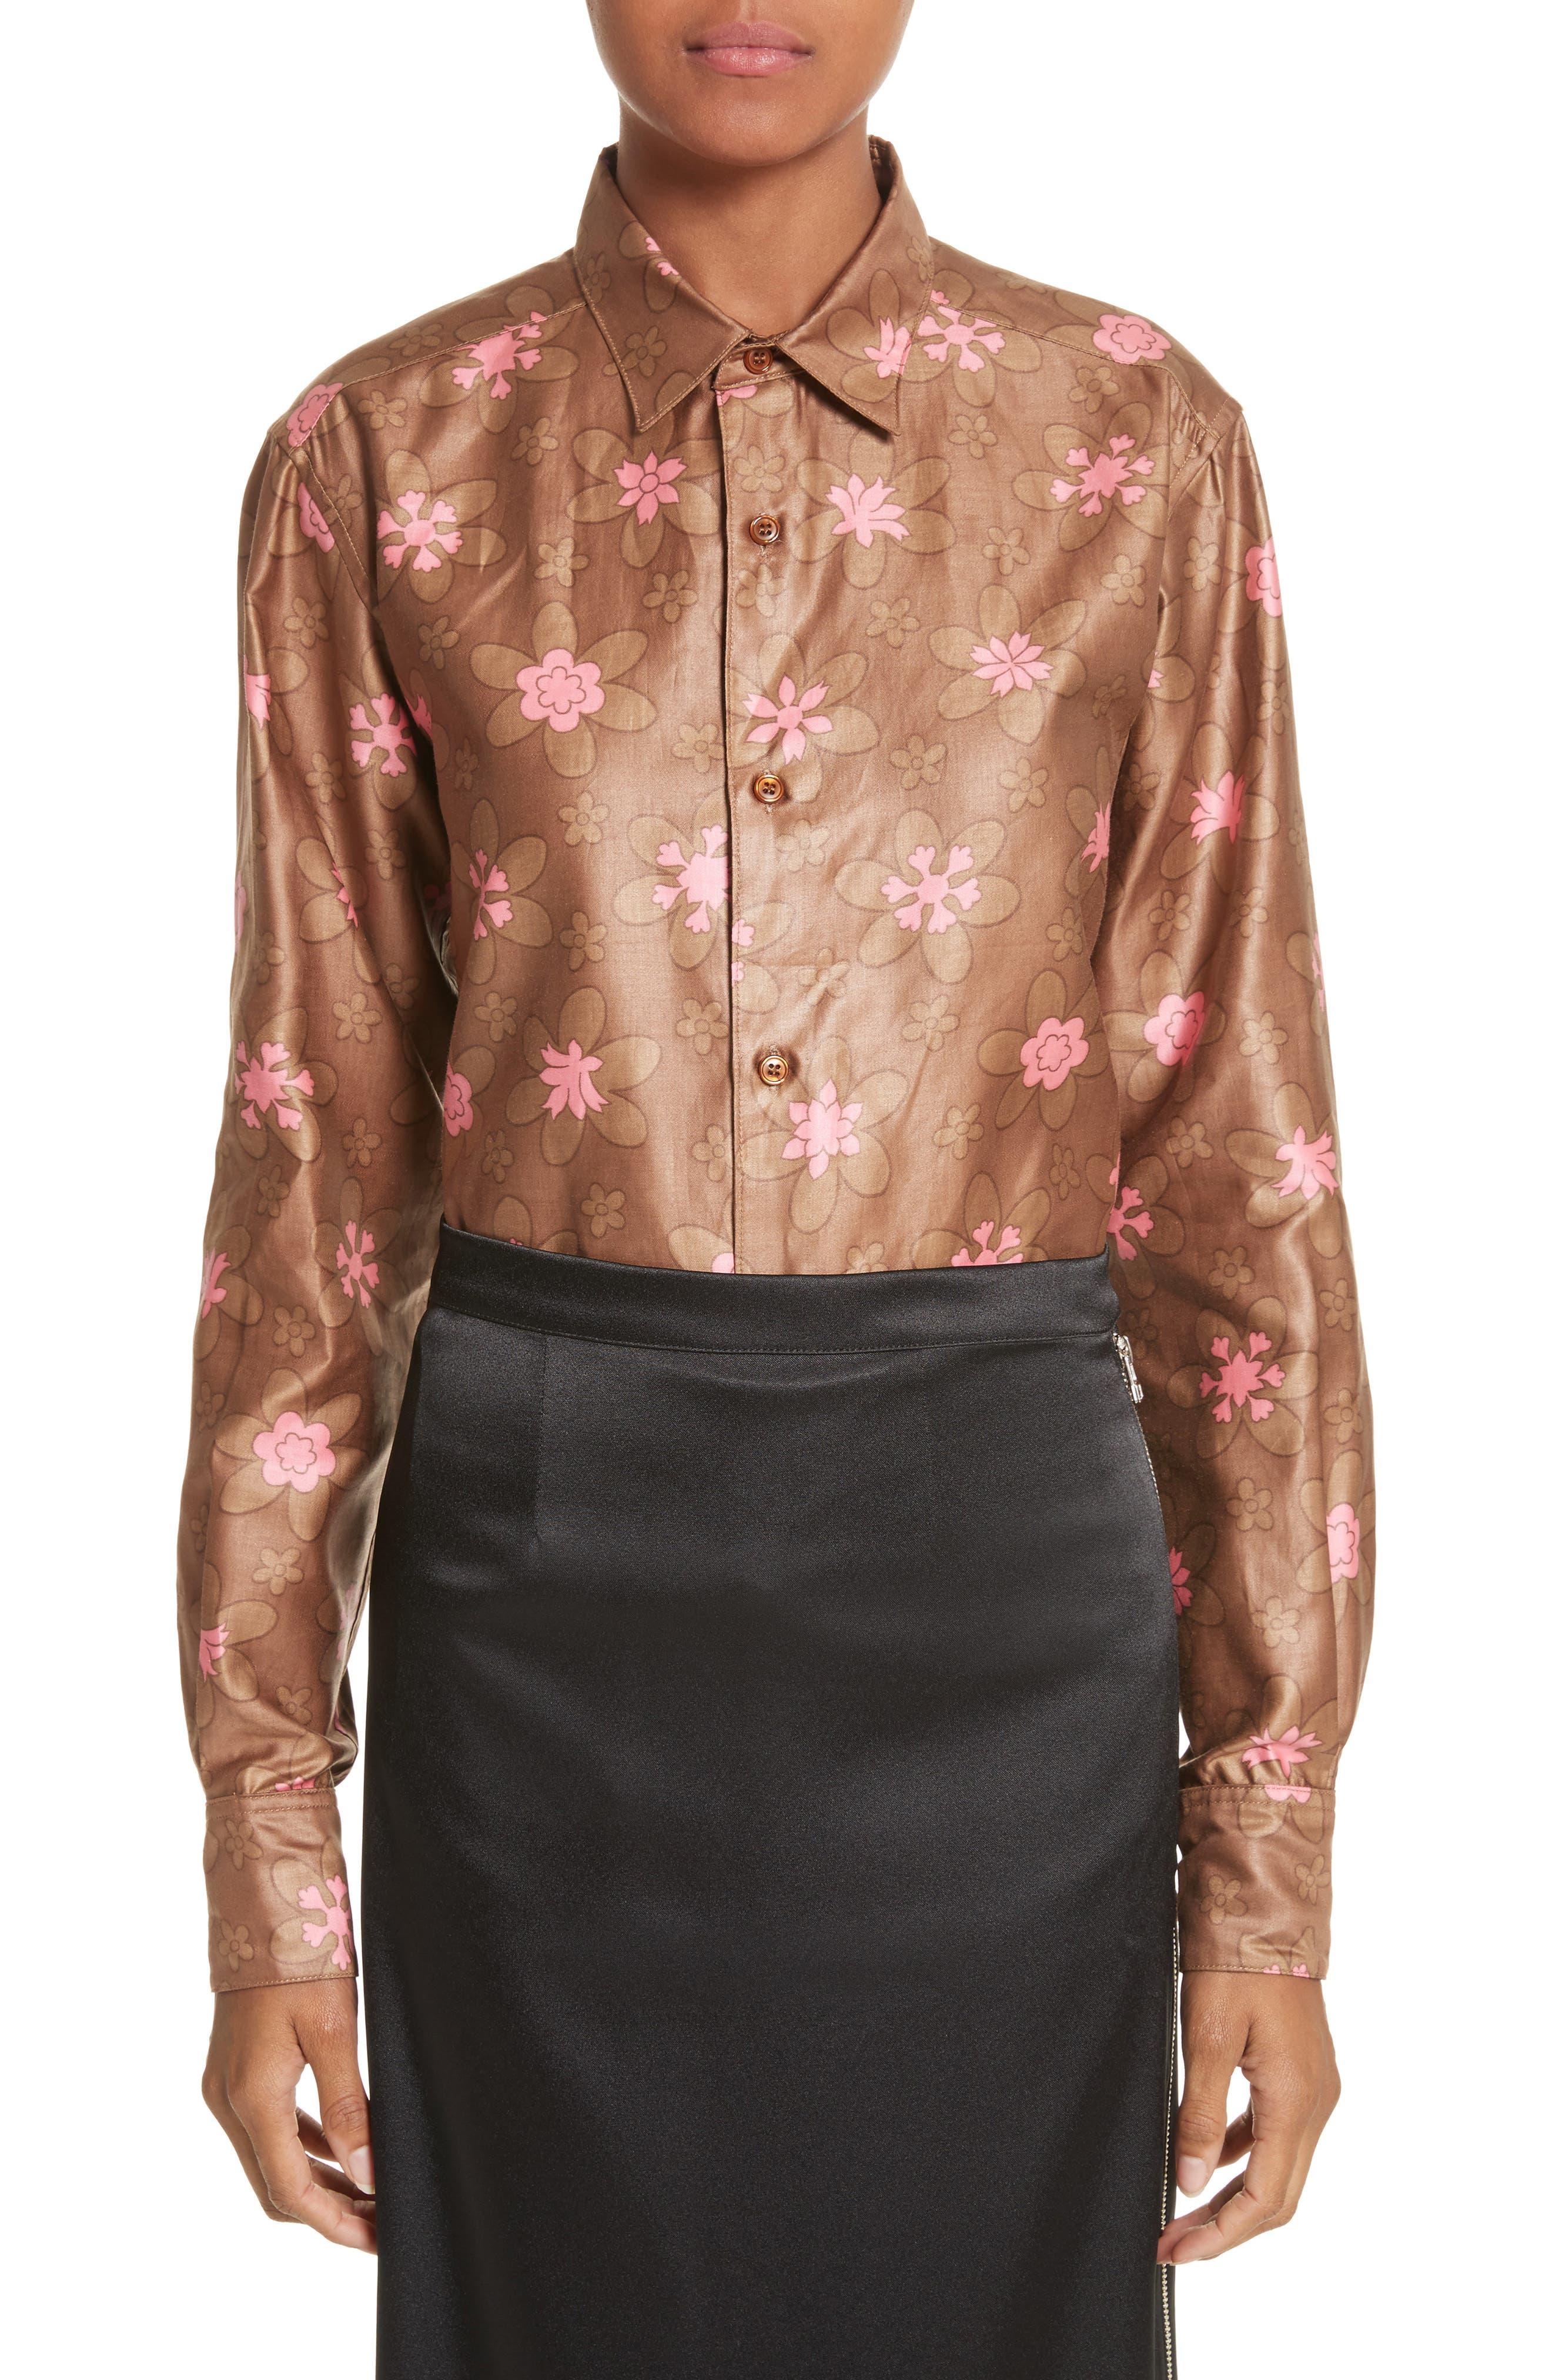 Eckhaus Latta Floral Print Cotton Blouse